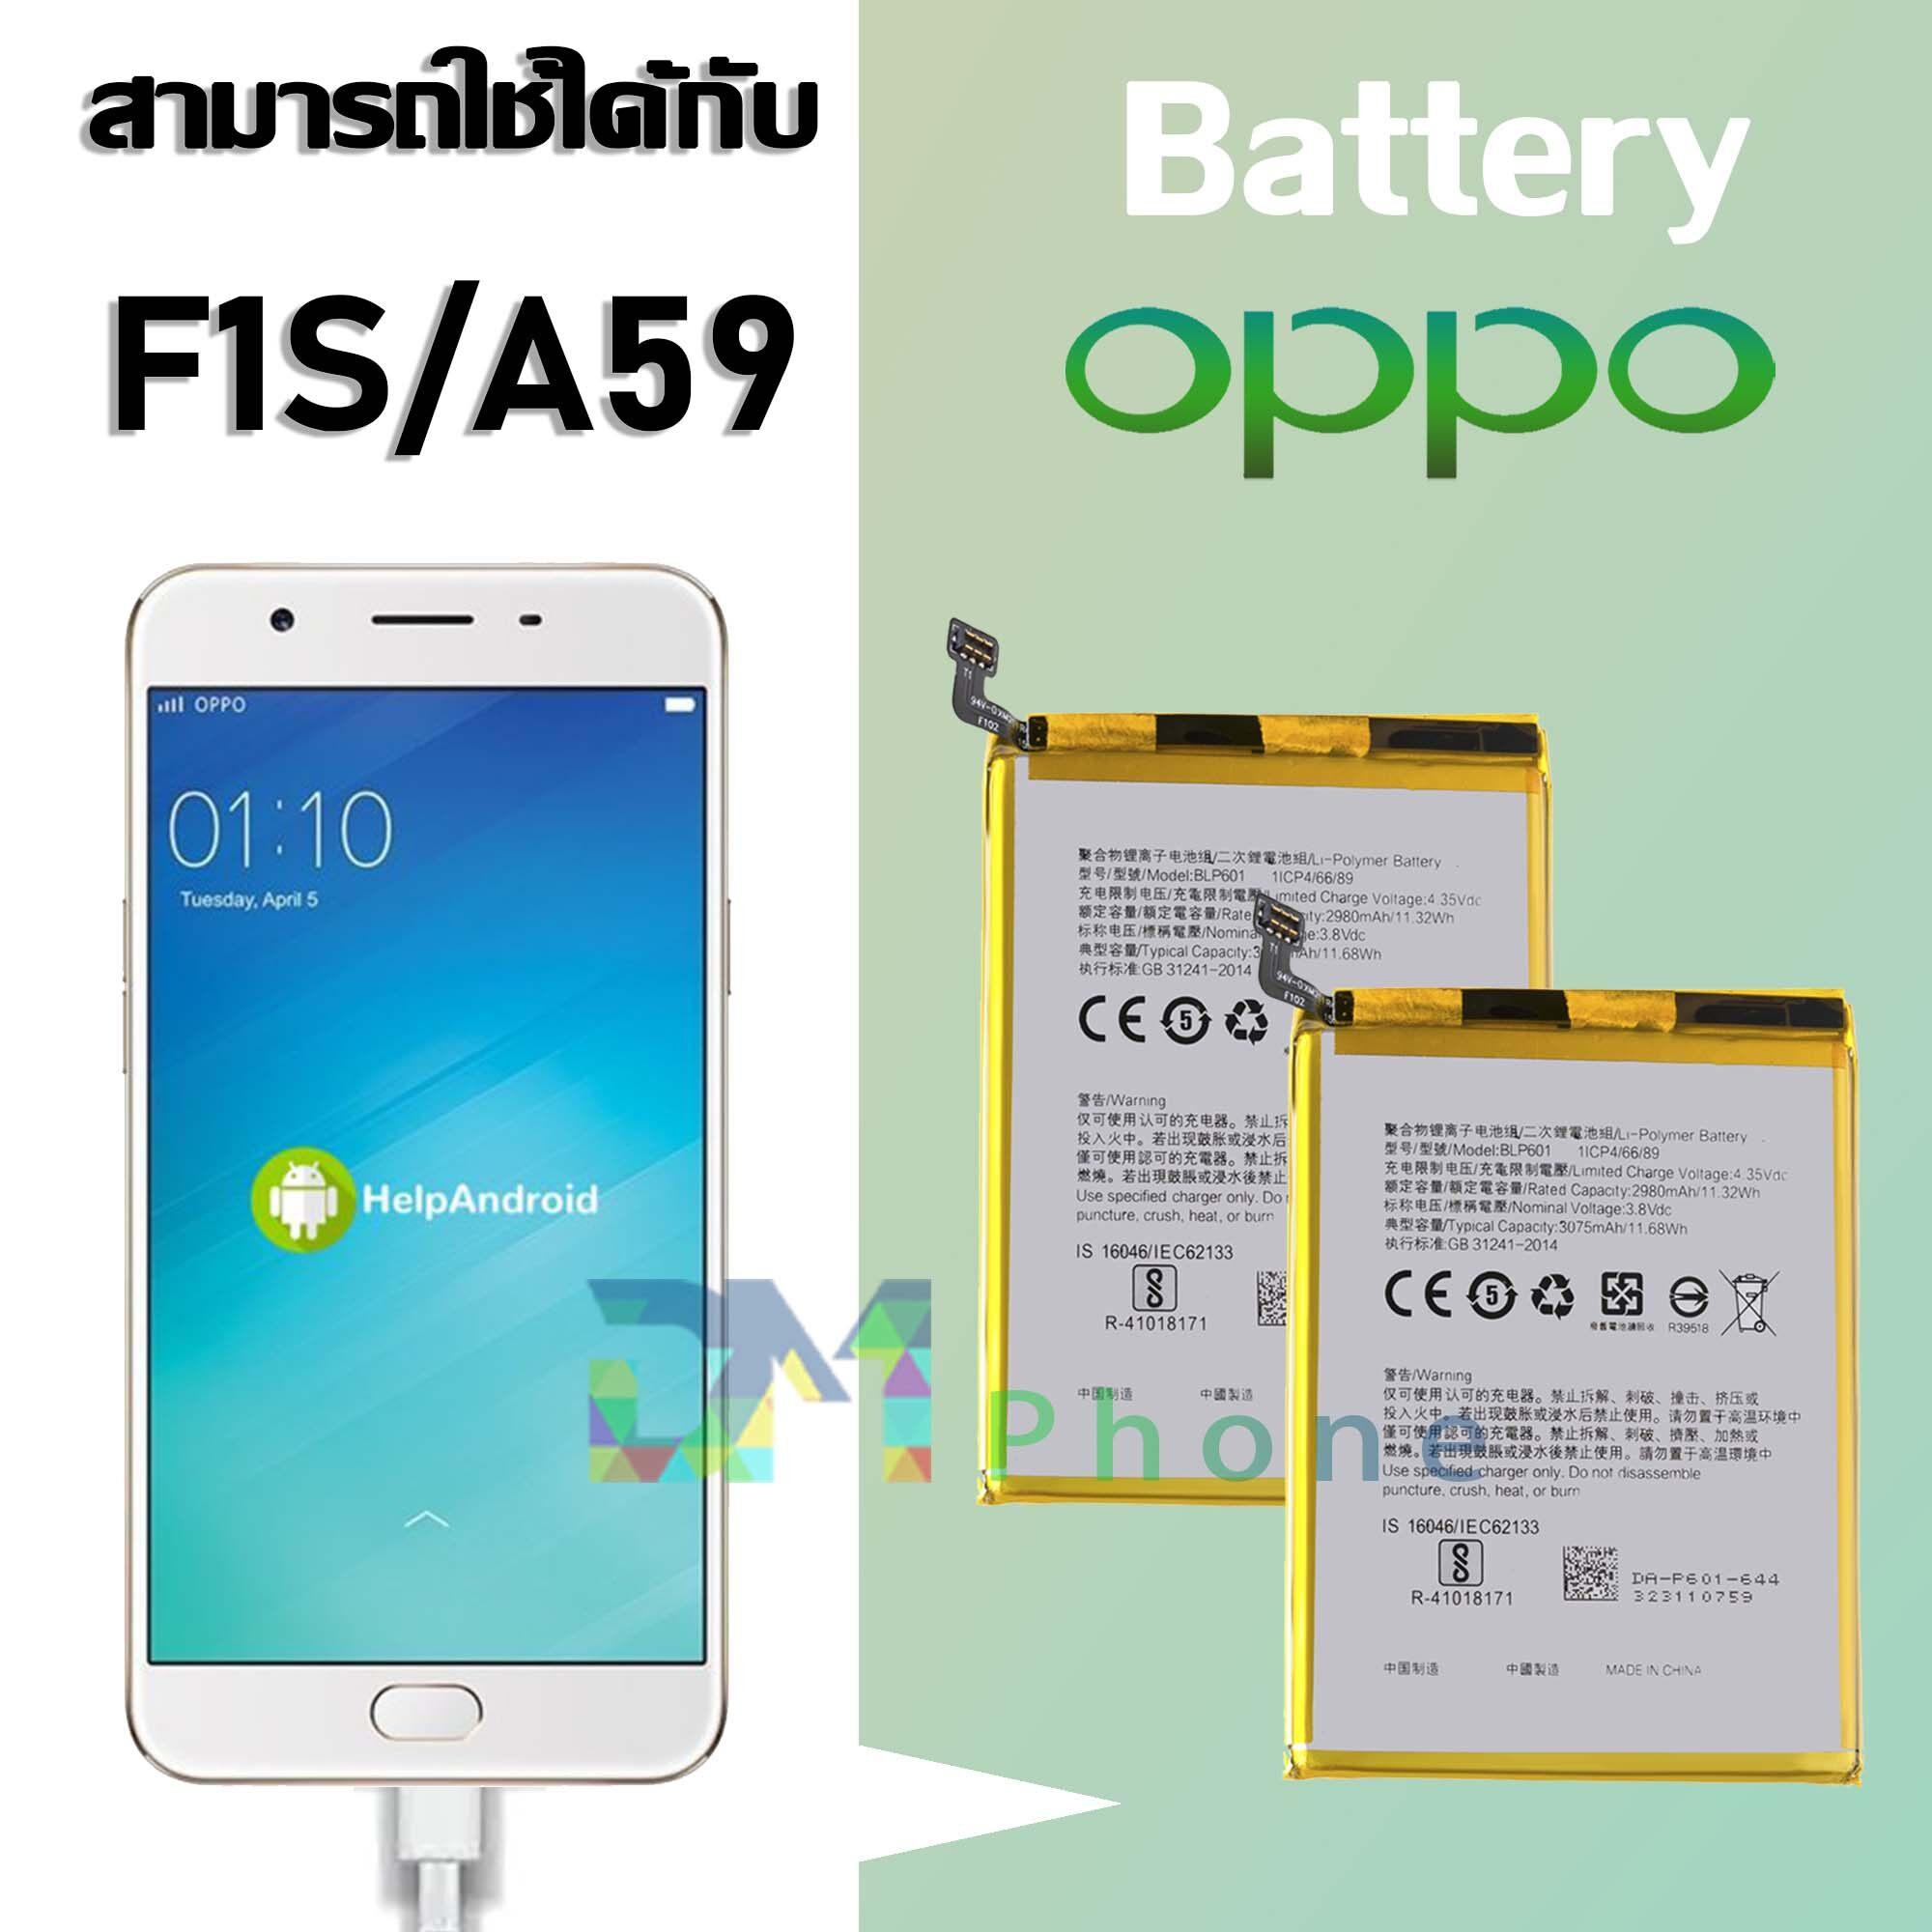 แบตเตอรี่ แบตเตอรี่มือถือ ออปโป้ Oppo F1s/a59 Battery แบต Oppo F1s/a59 มีประกัน 6 เดือน.